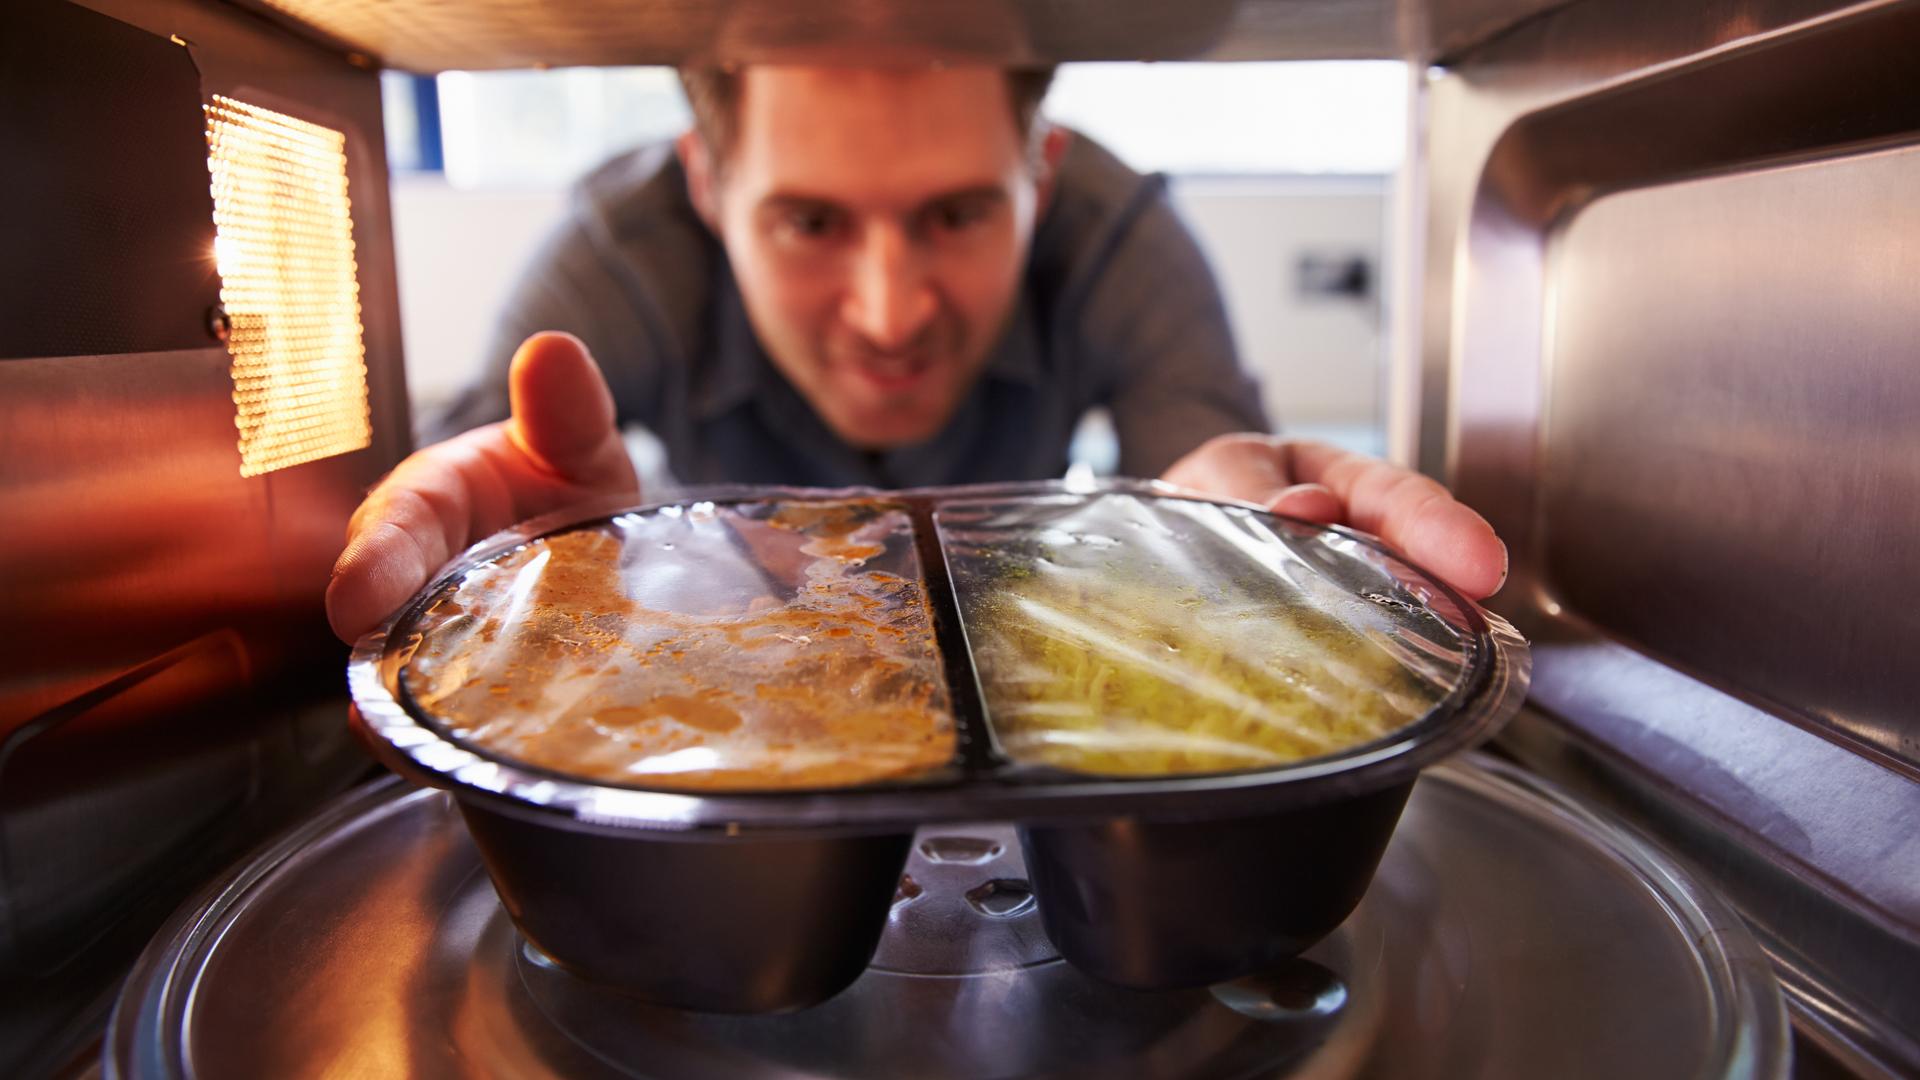 Estudios revelaron que la vitamina C no se pierde únicamente en el microondas, sino que se pierde cuandoal recibir calor(Getty Images)